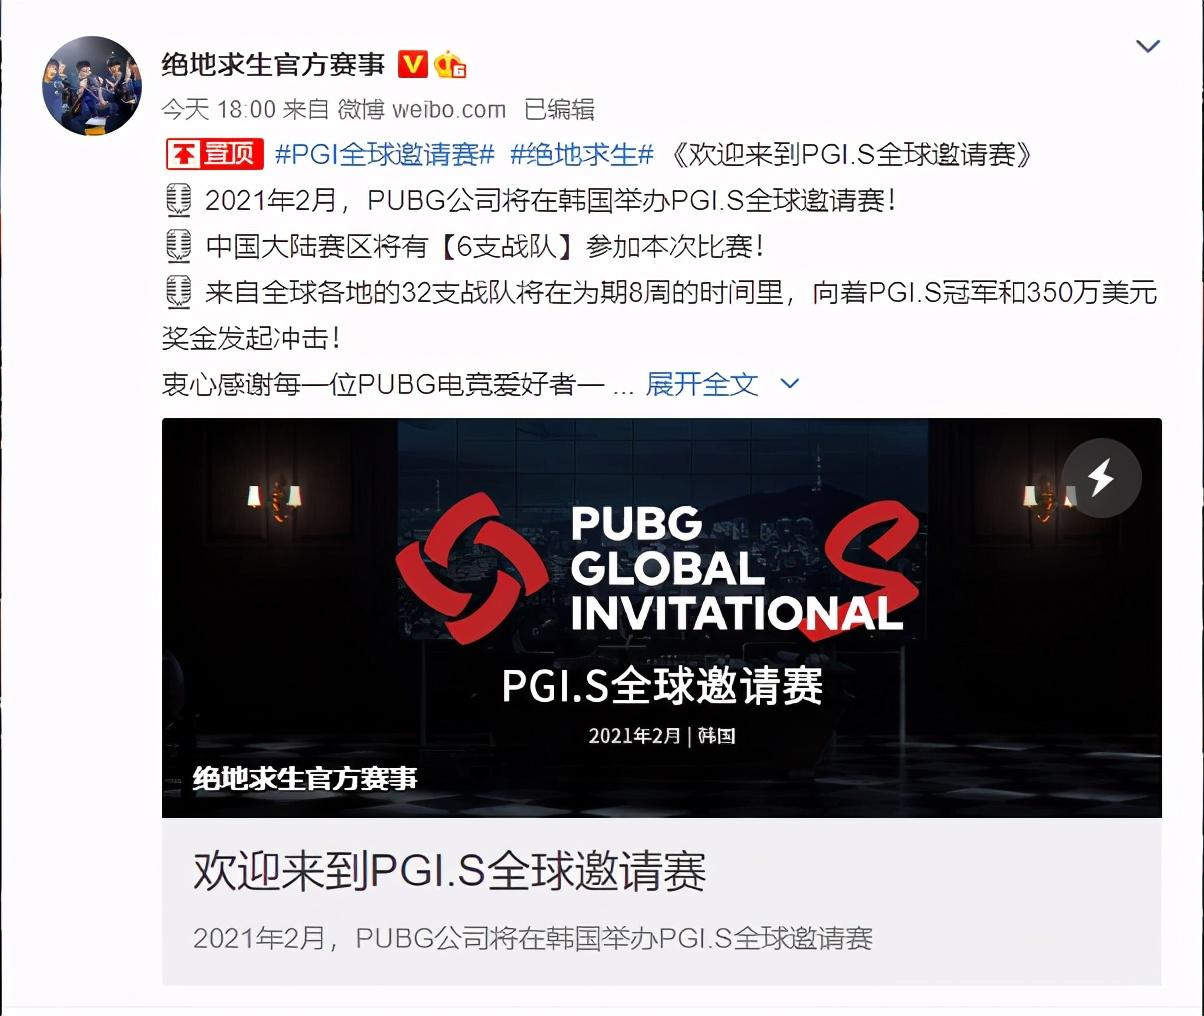 绝地求生PGI世界赛,网传6支队伍已确定,没有OMG和SMG